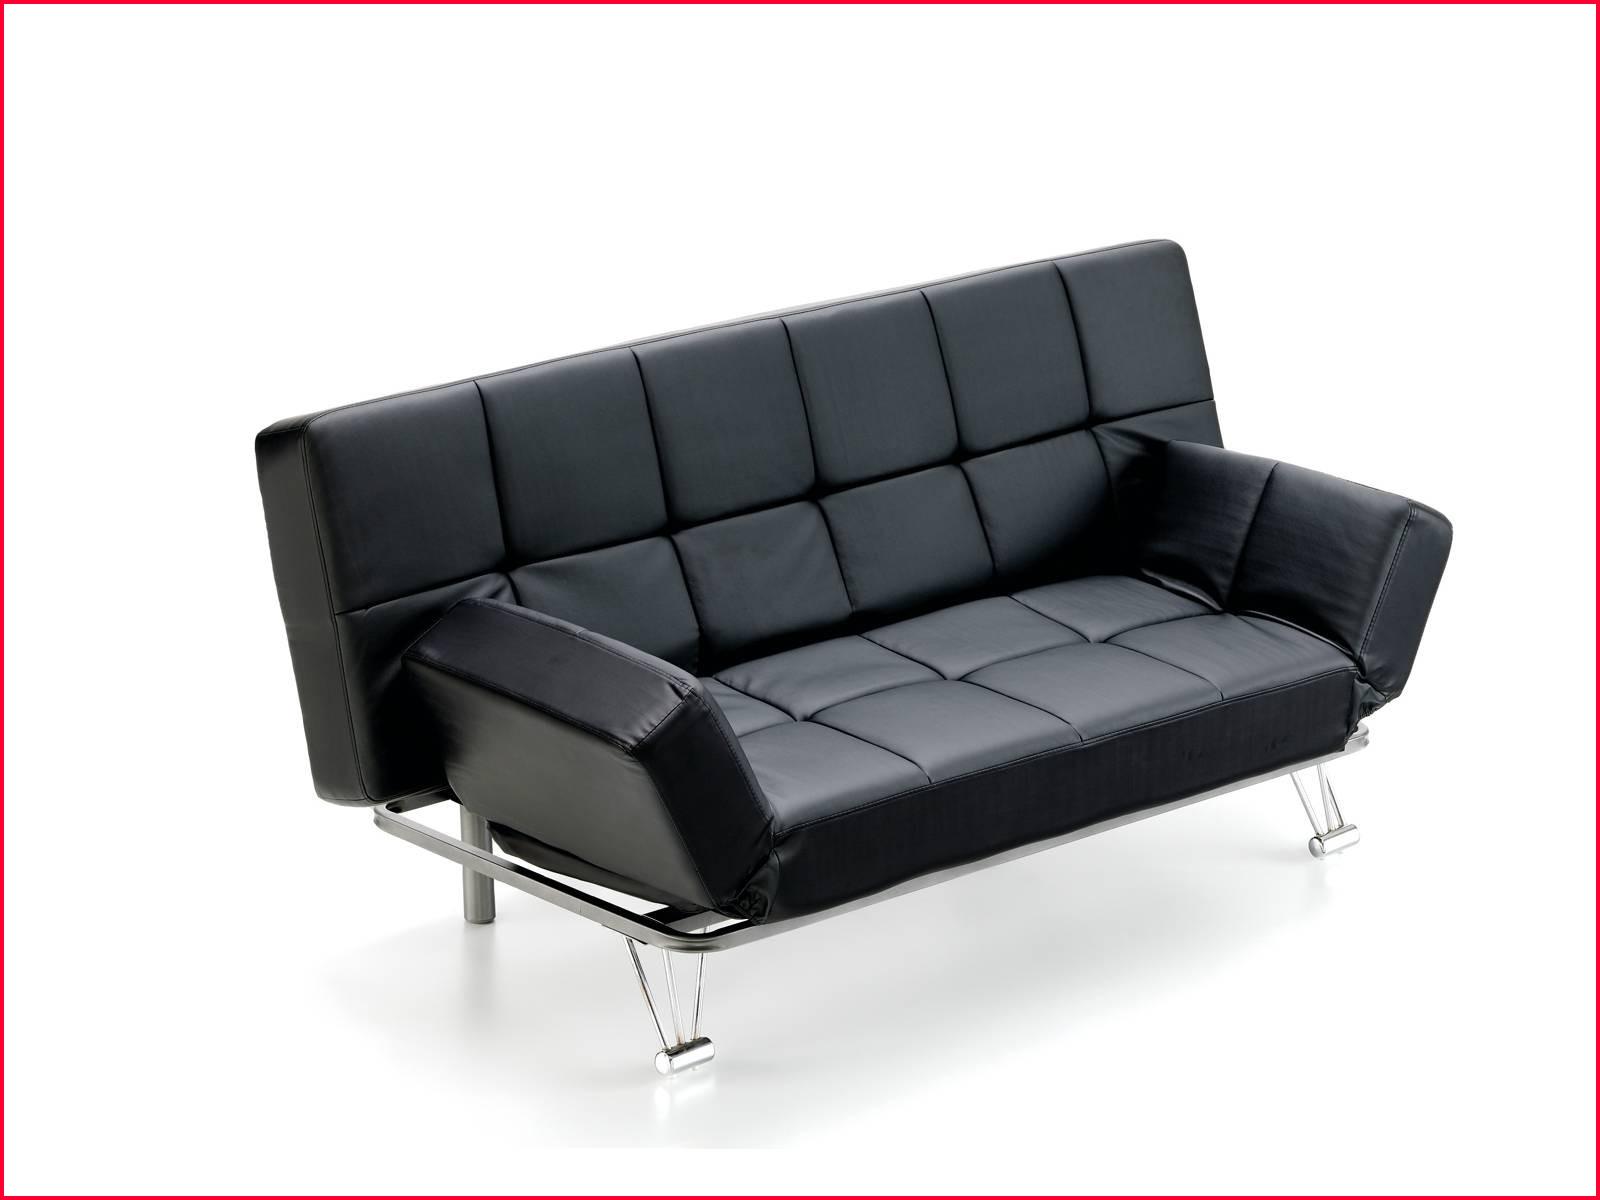 Sofa Cama Merkamueble E9dx sofas Cama Merkamueble sofà Cama Clic Clac Polipiel Negro